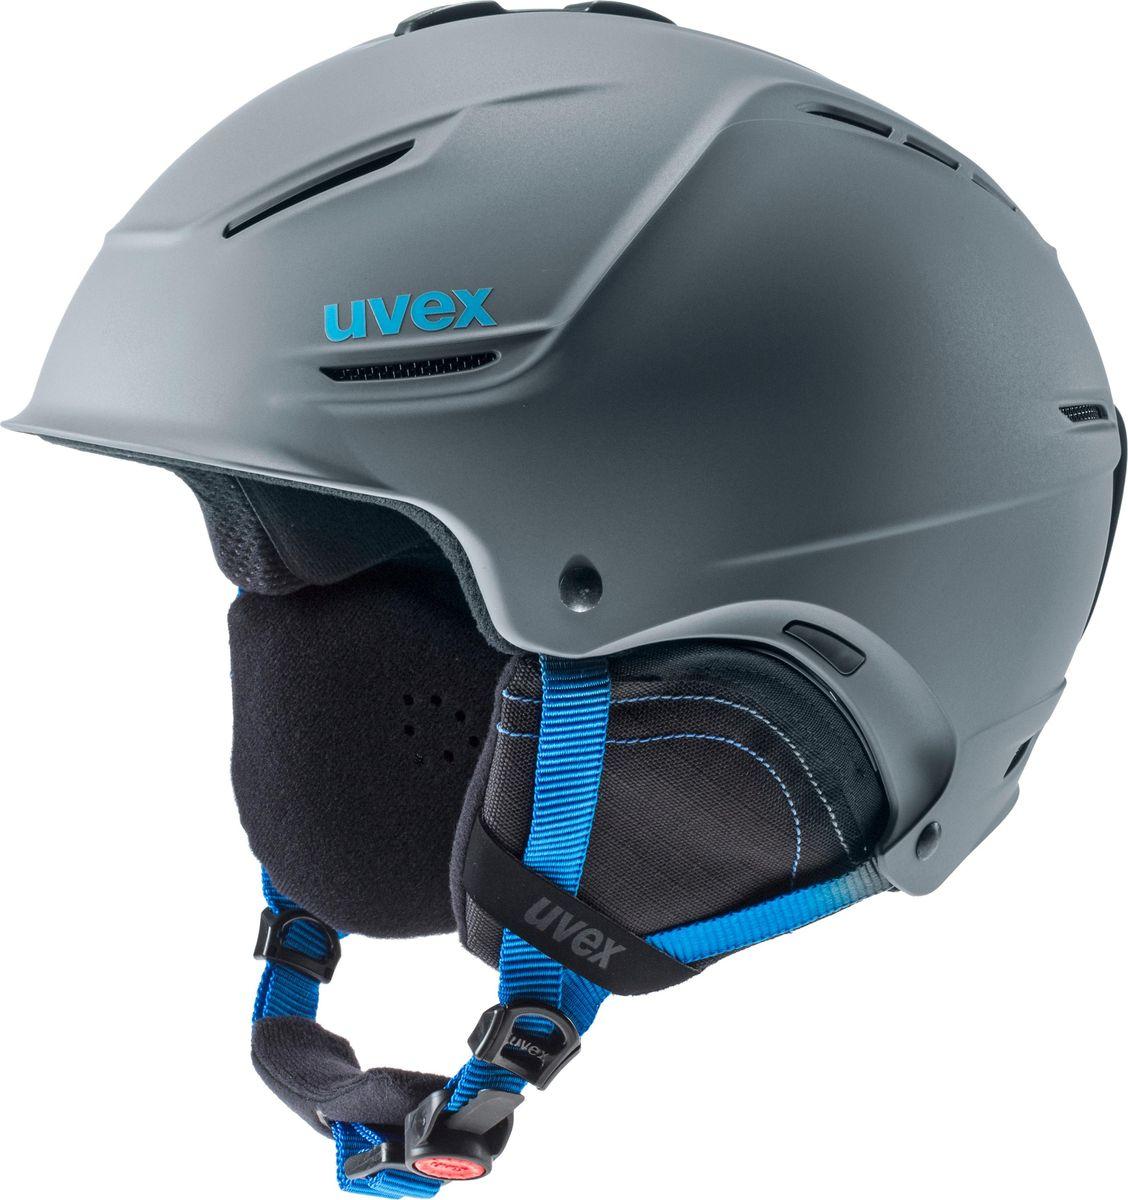 Шлем горнолыжный Uvex P1us 2.0 Helmet, цвет: серый, синий матовый. Размер 52/556211Удобный шлем Uvex P1us 2.0 Helmet с конструкцией +technology обеспечит безопасность на склоне. В модели предусмотрена съемная защита ушей с технологией Natural Sound, которая не искажает звуки. Гипоаллергенная подкладка и регулируемая вентиляция гарантируют комфорт во время катания. Фиксатор стрэпа маски и застежка monomatiс, которую легко отрегулировать одной рукой, служат для удобства использования. Что взять с собой на горнолыжную прогулку: рассказывают эксперты. Статья OZON Гид